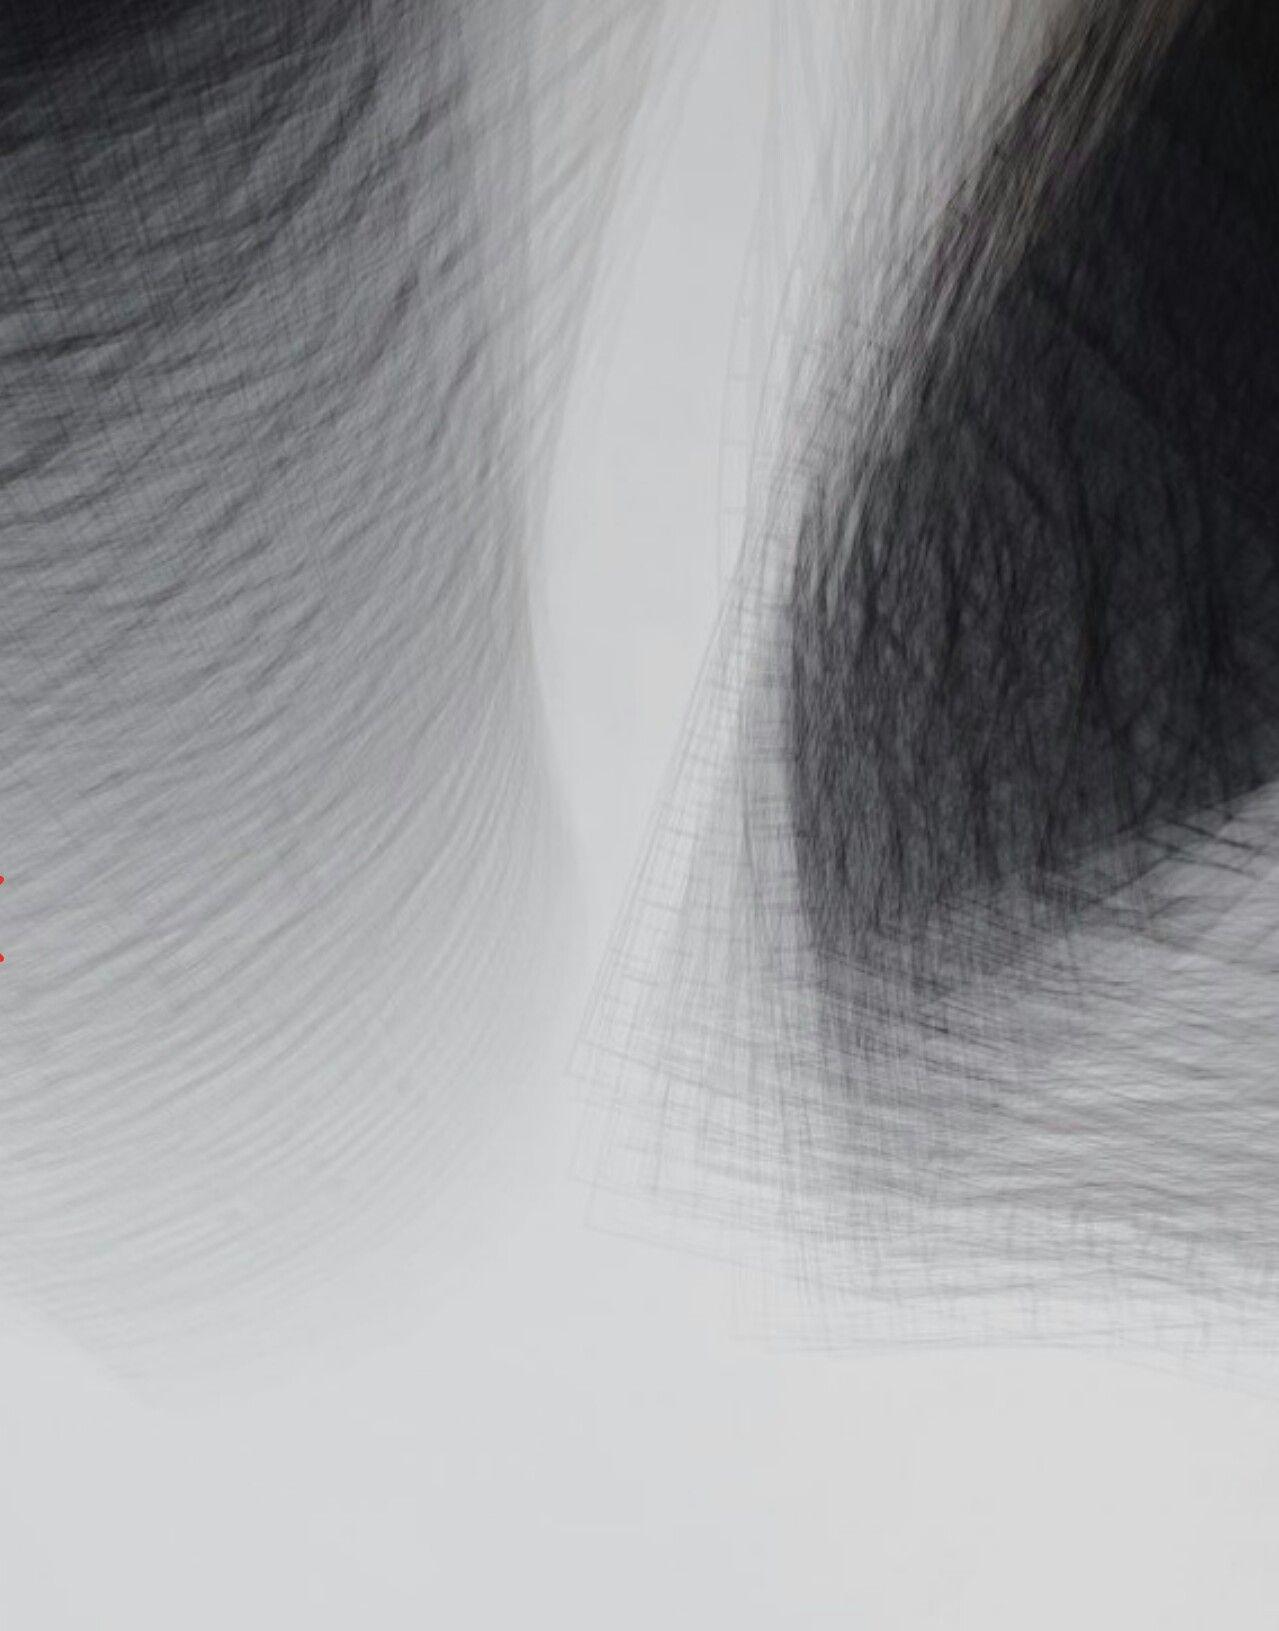 Épinglé par ILLIAS creation sur detail Photographie par